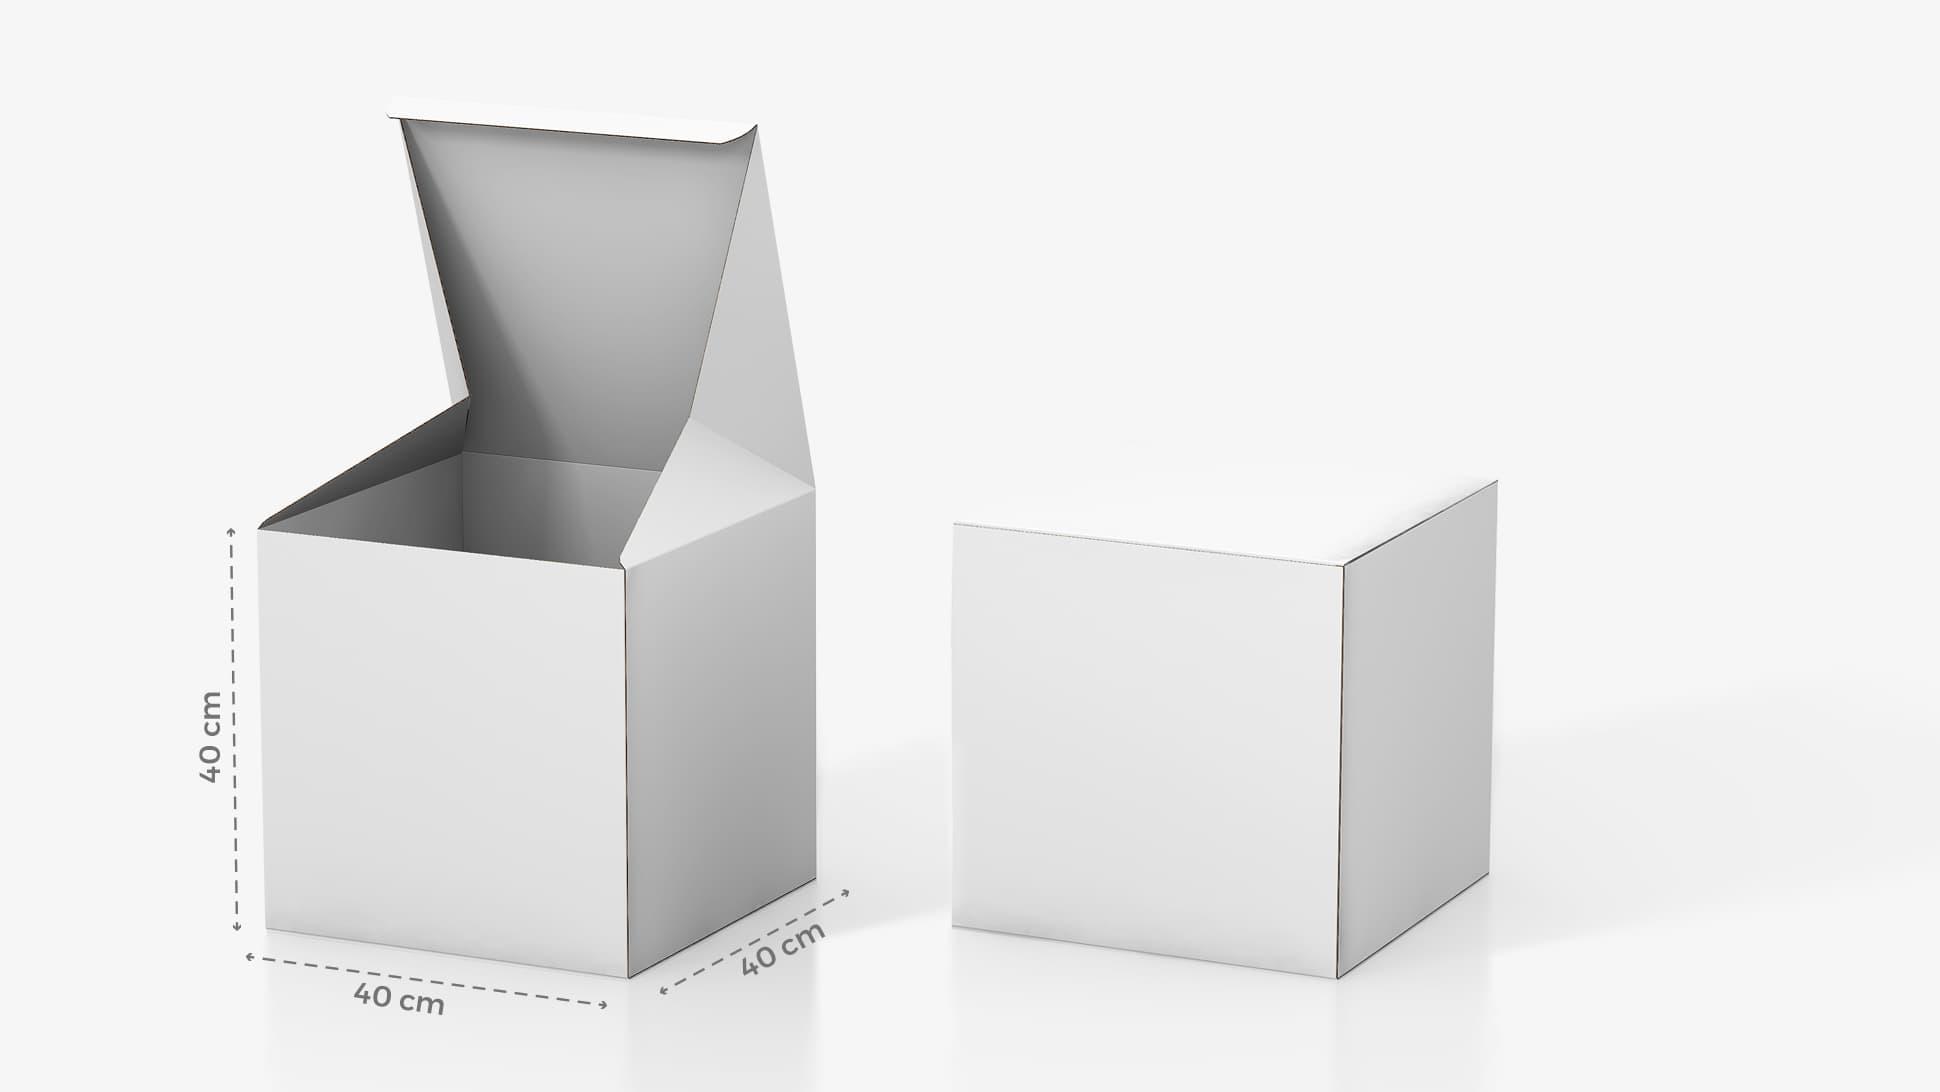 Scatola in cartone 40x40 cm personalizzabile | tictac.it